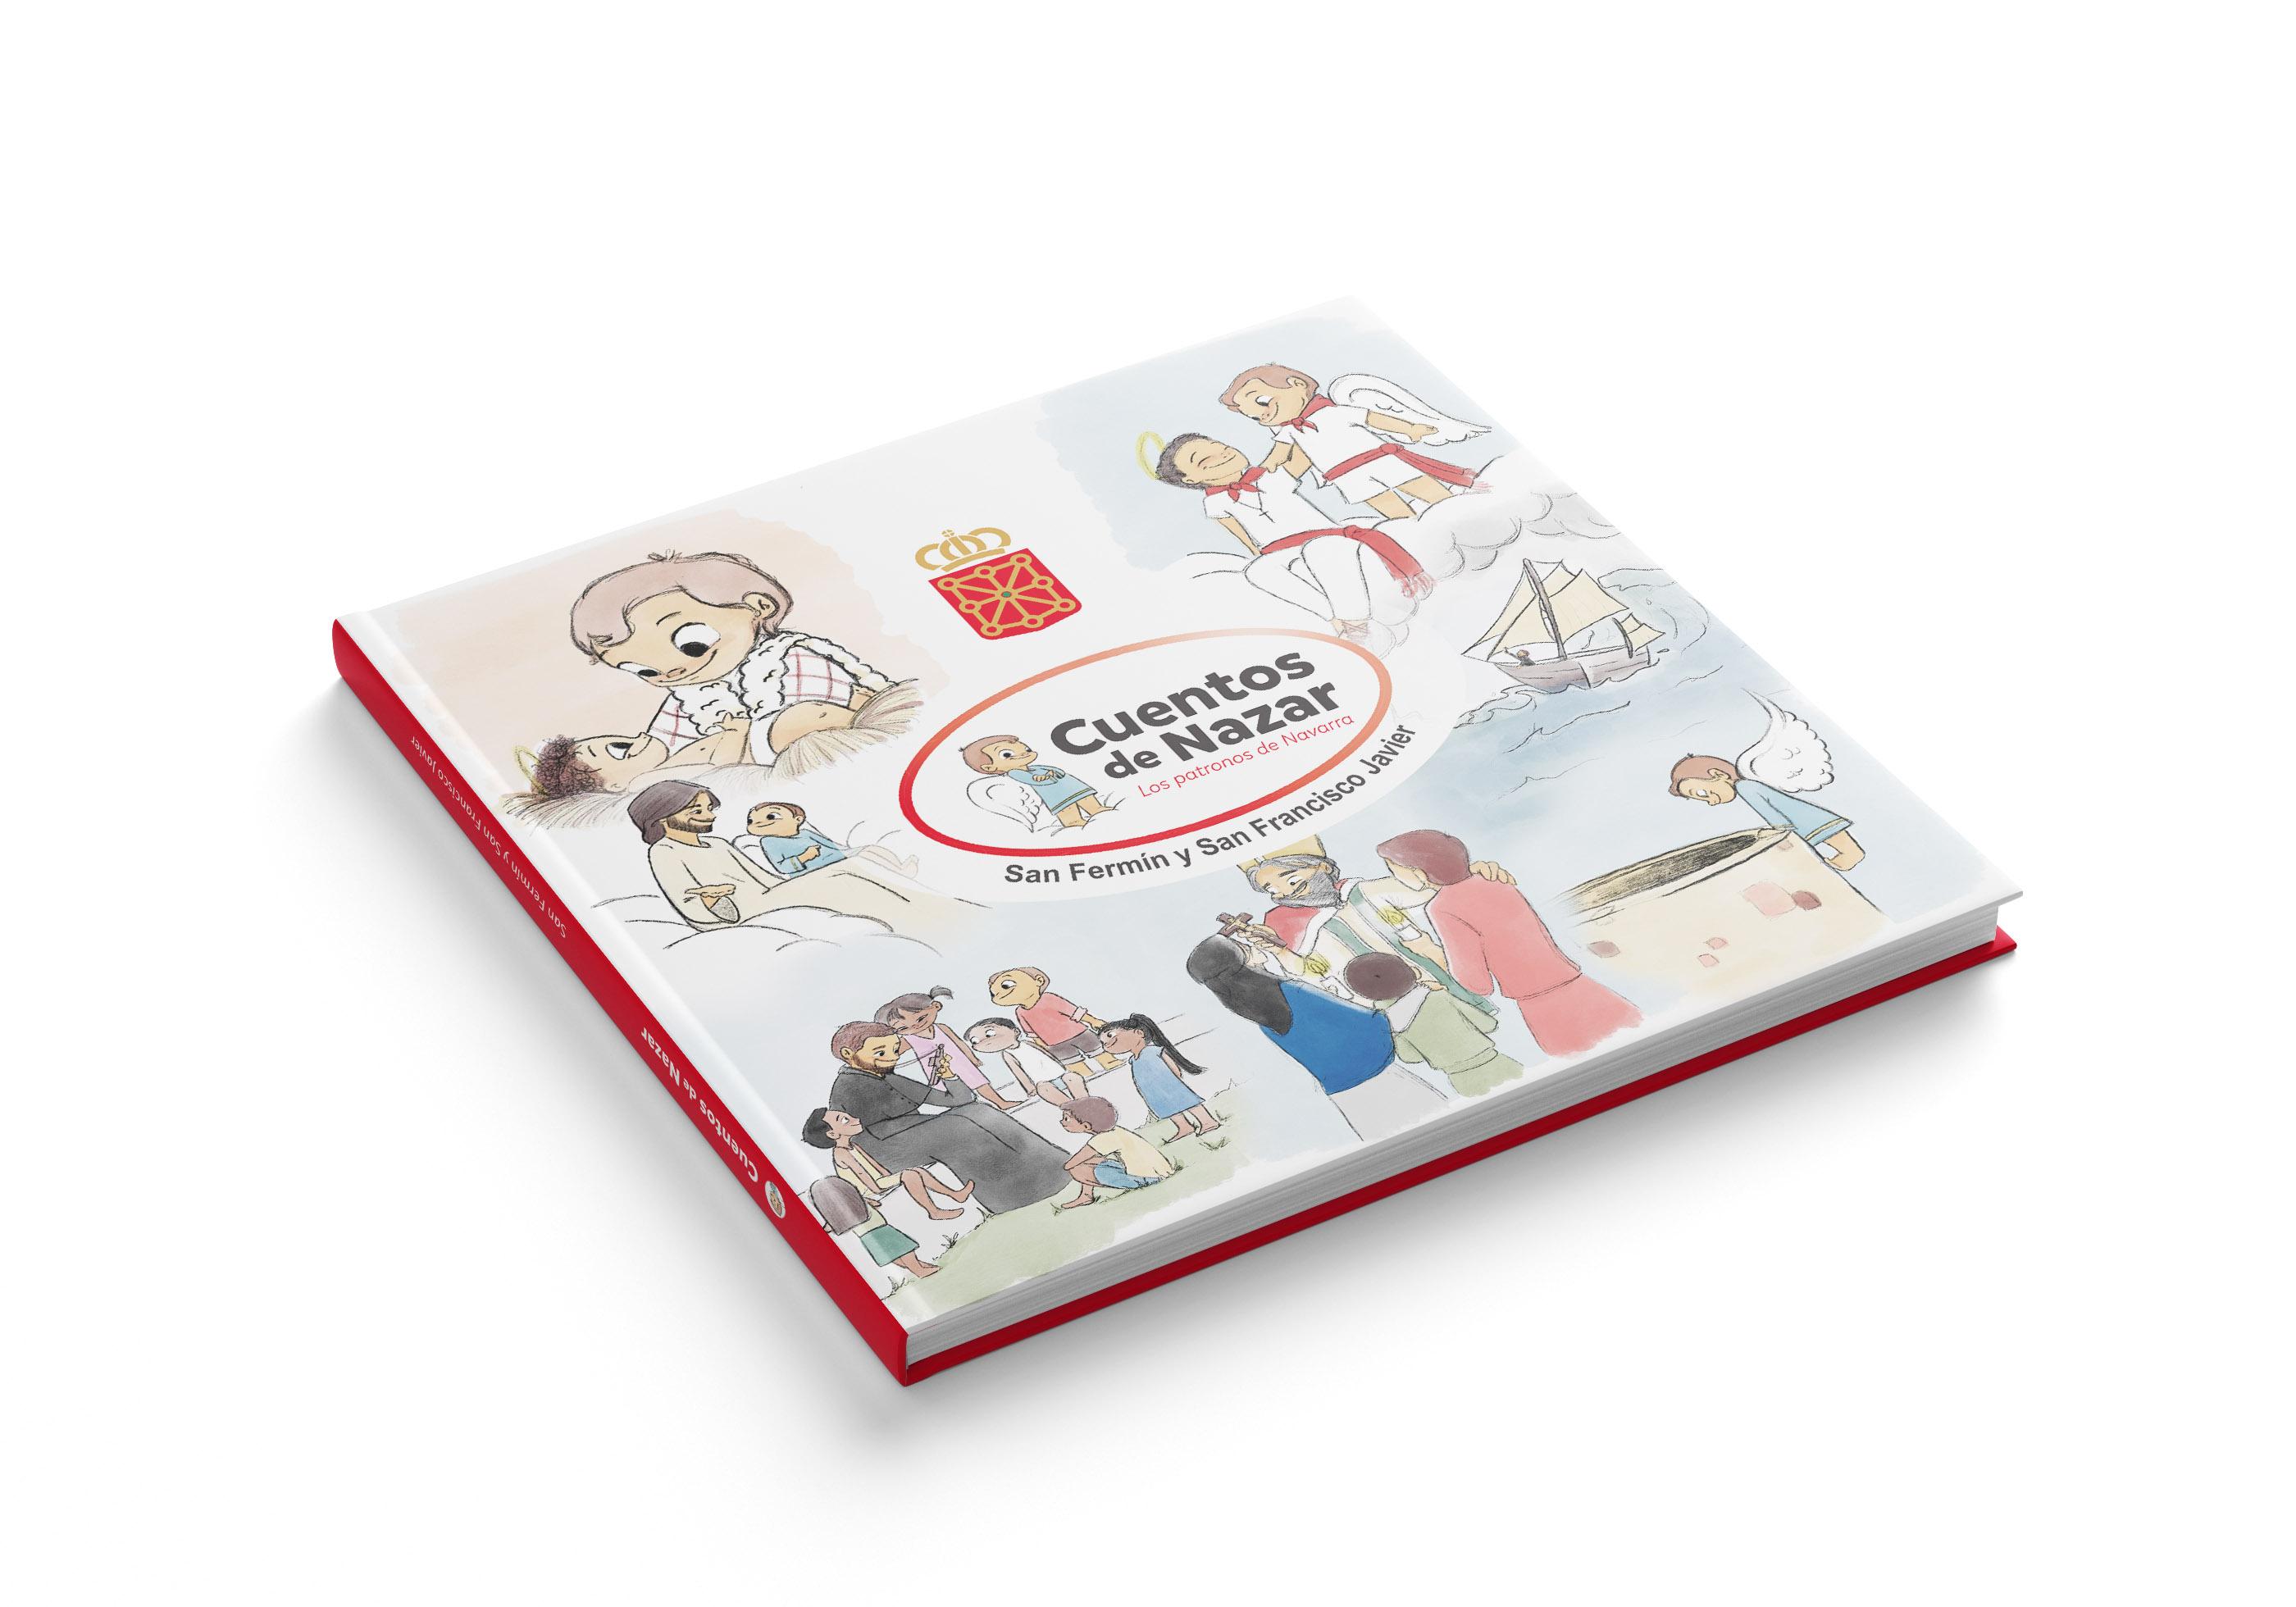 Nuevo Libro De Cuentos De Nazar – Cuentos De Nazar